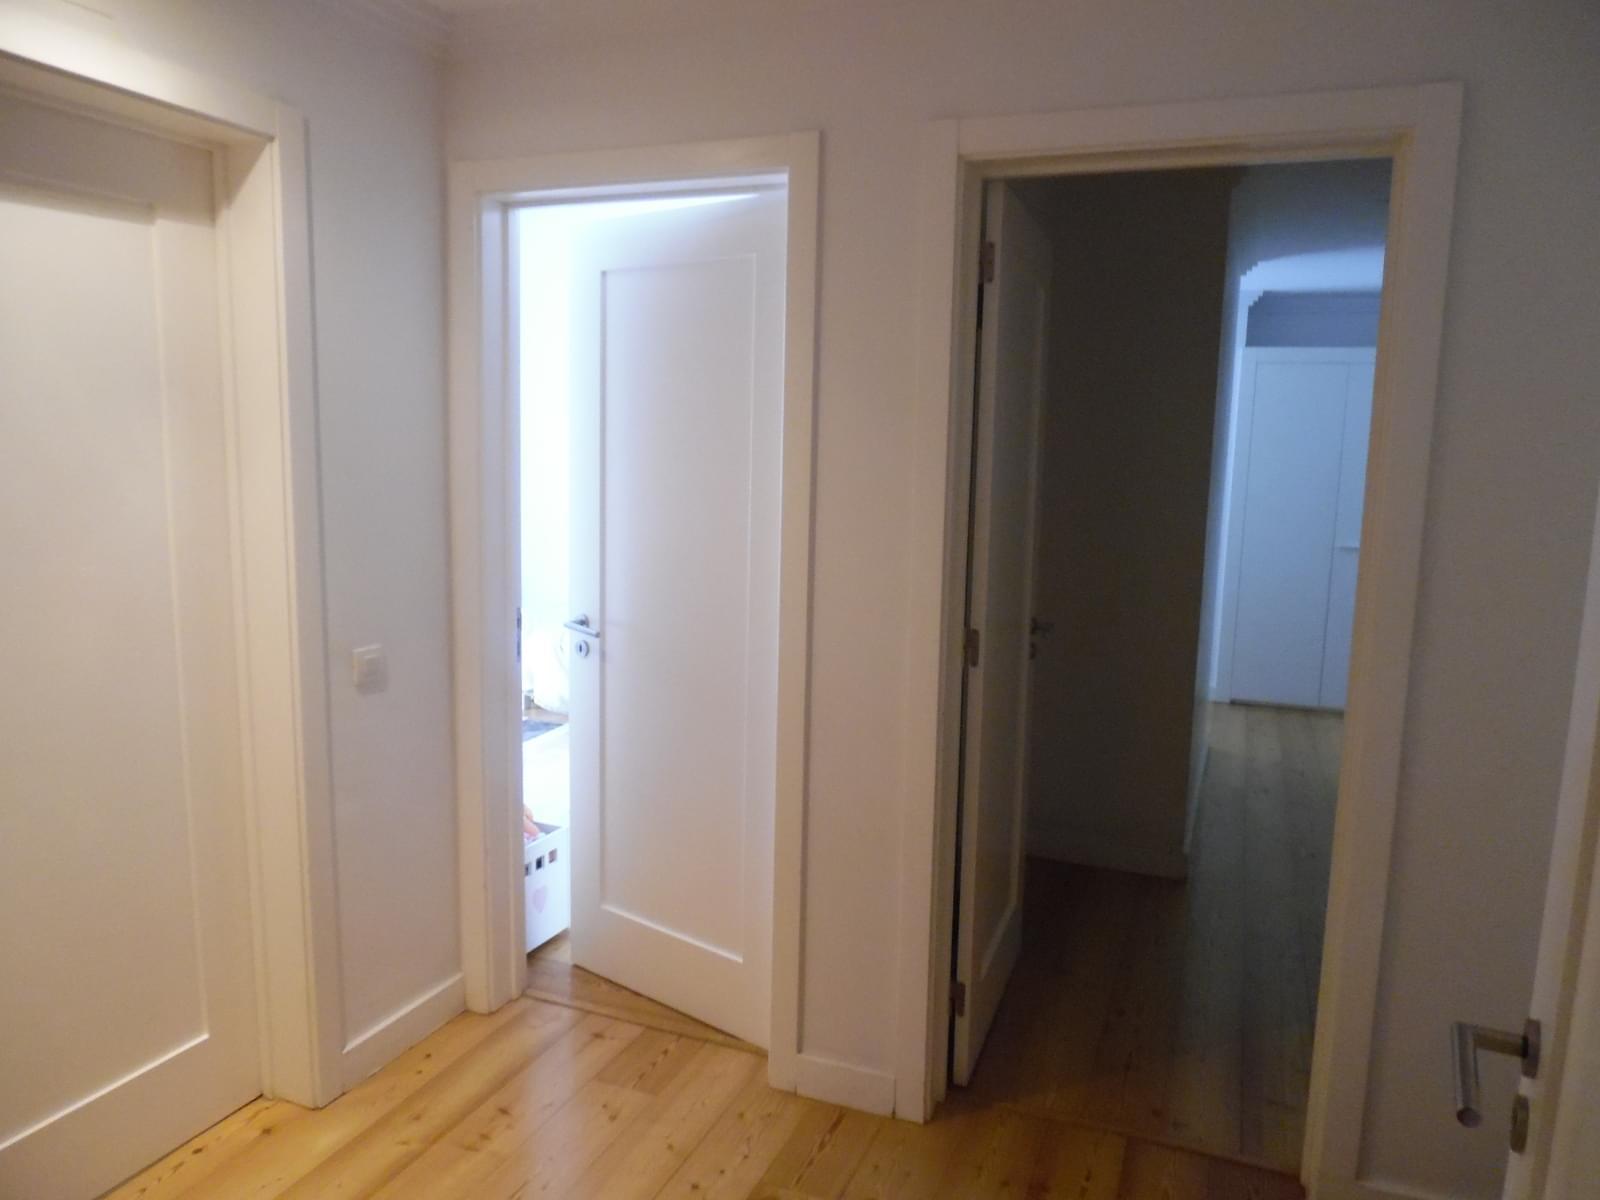 pf17454-apartamento-t4-lisboa-b0f0e22b-bc69-4ff8-8952-1892fb2ed402